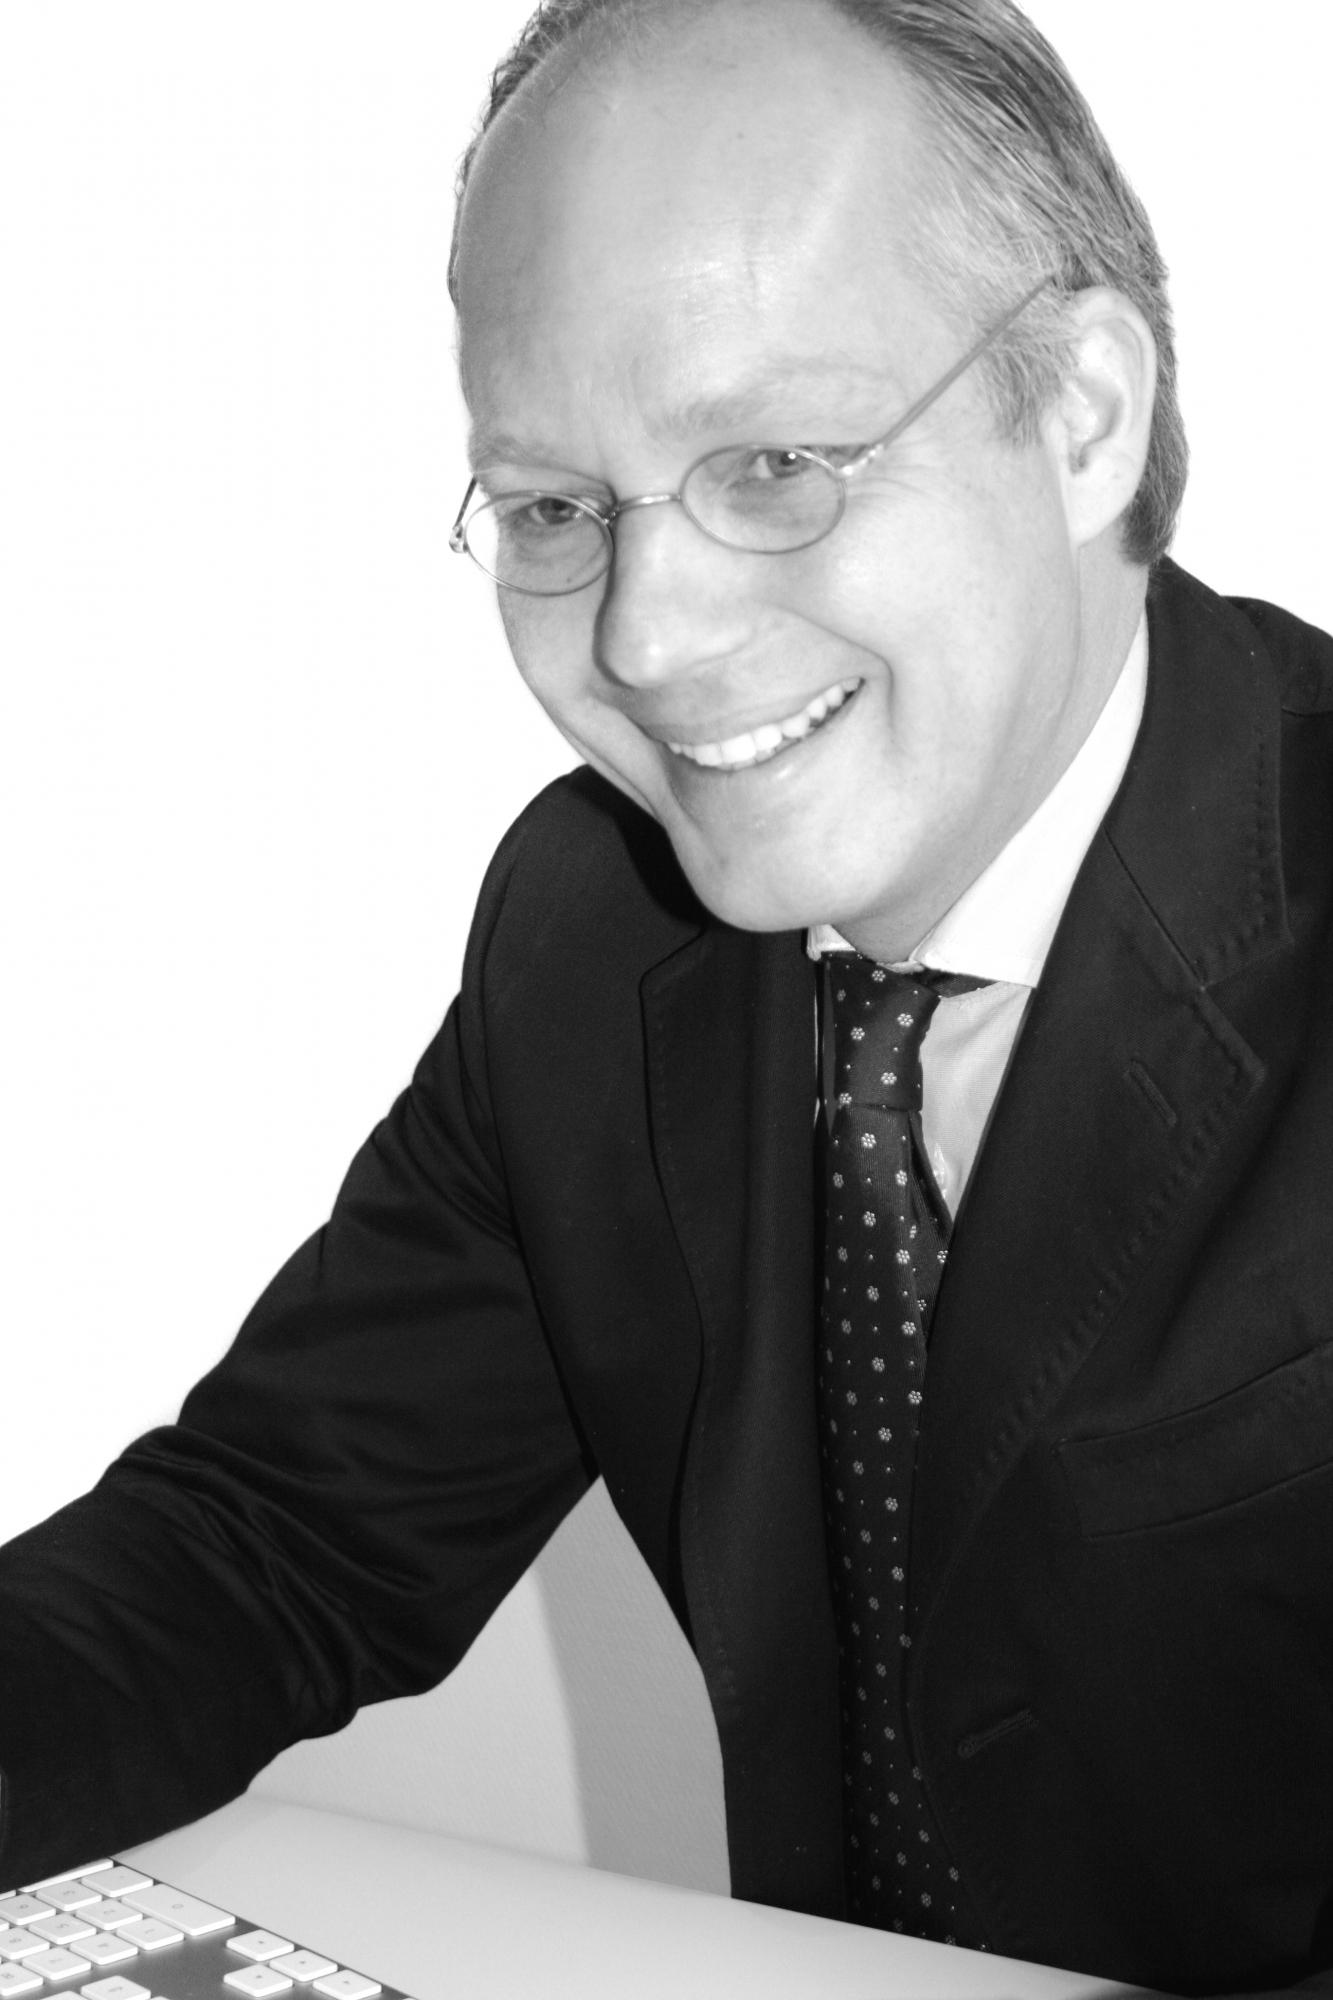 Peter Beusch